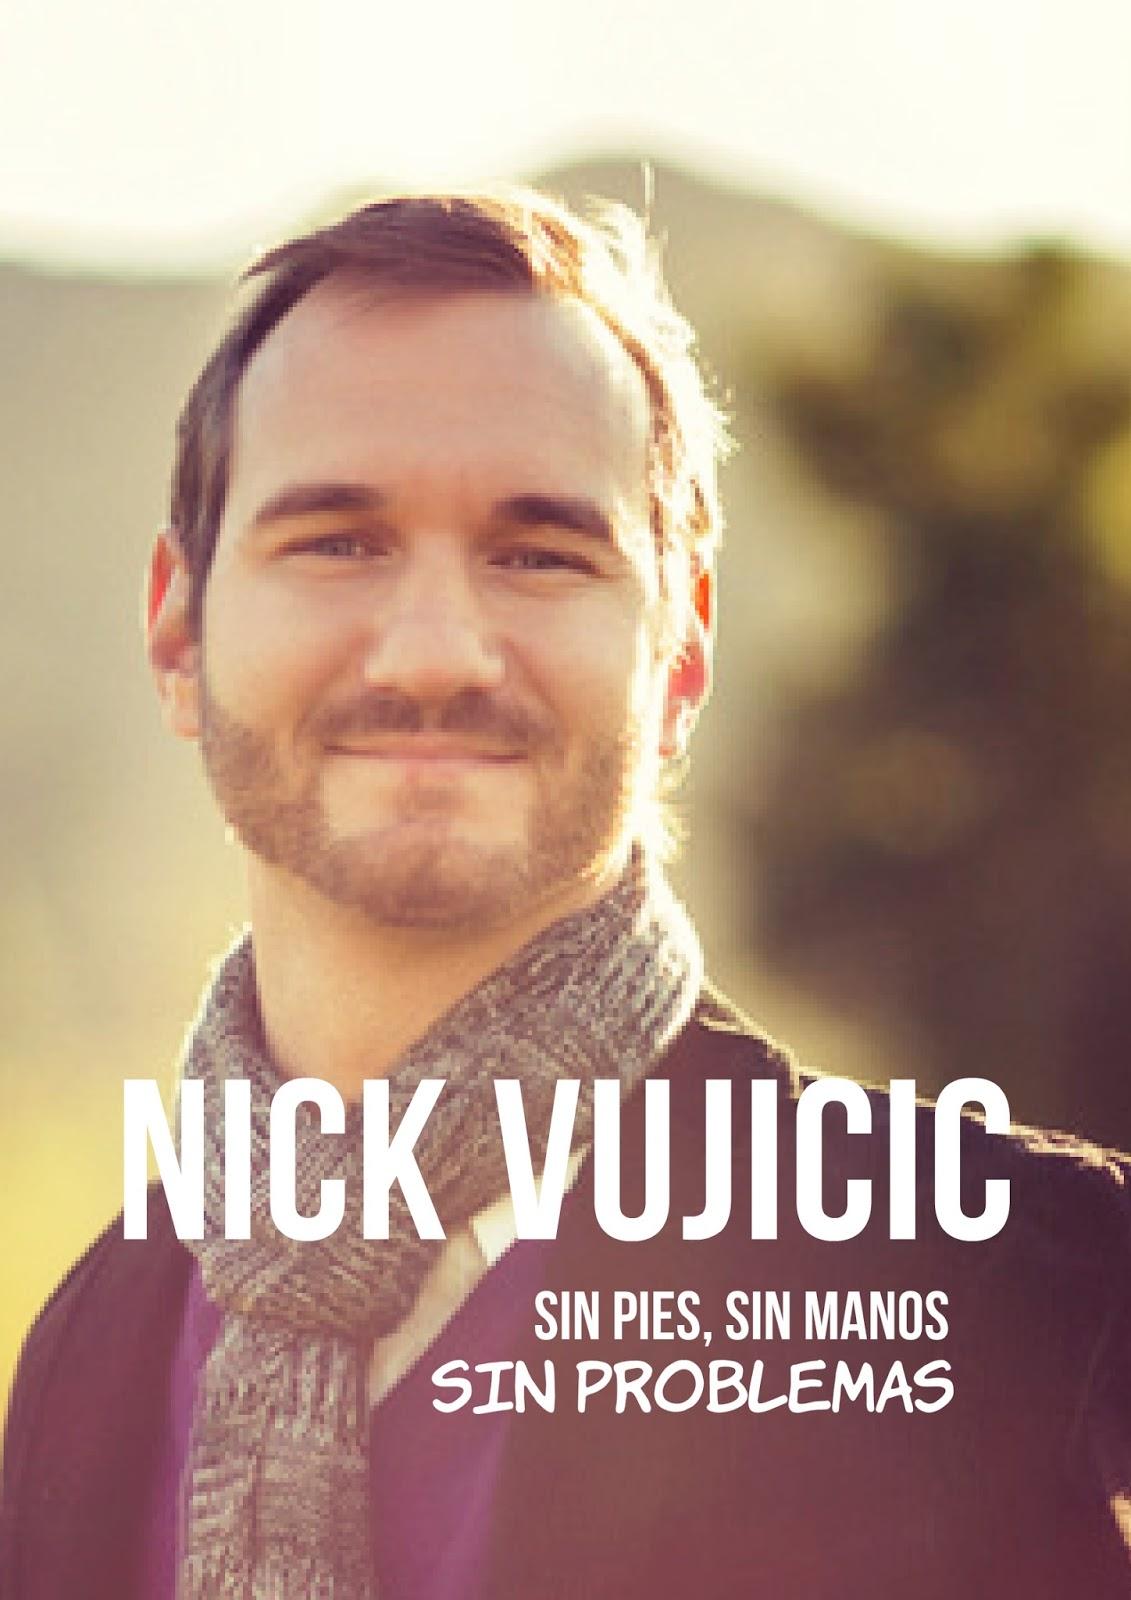 Lo Diferente Es Unico Y Hermoso Nick Vujicic Sin Piernas